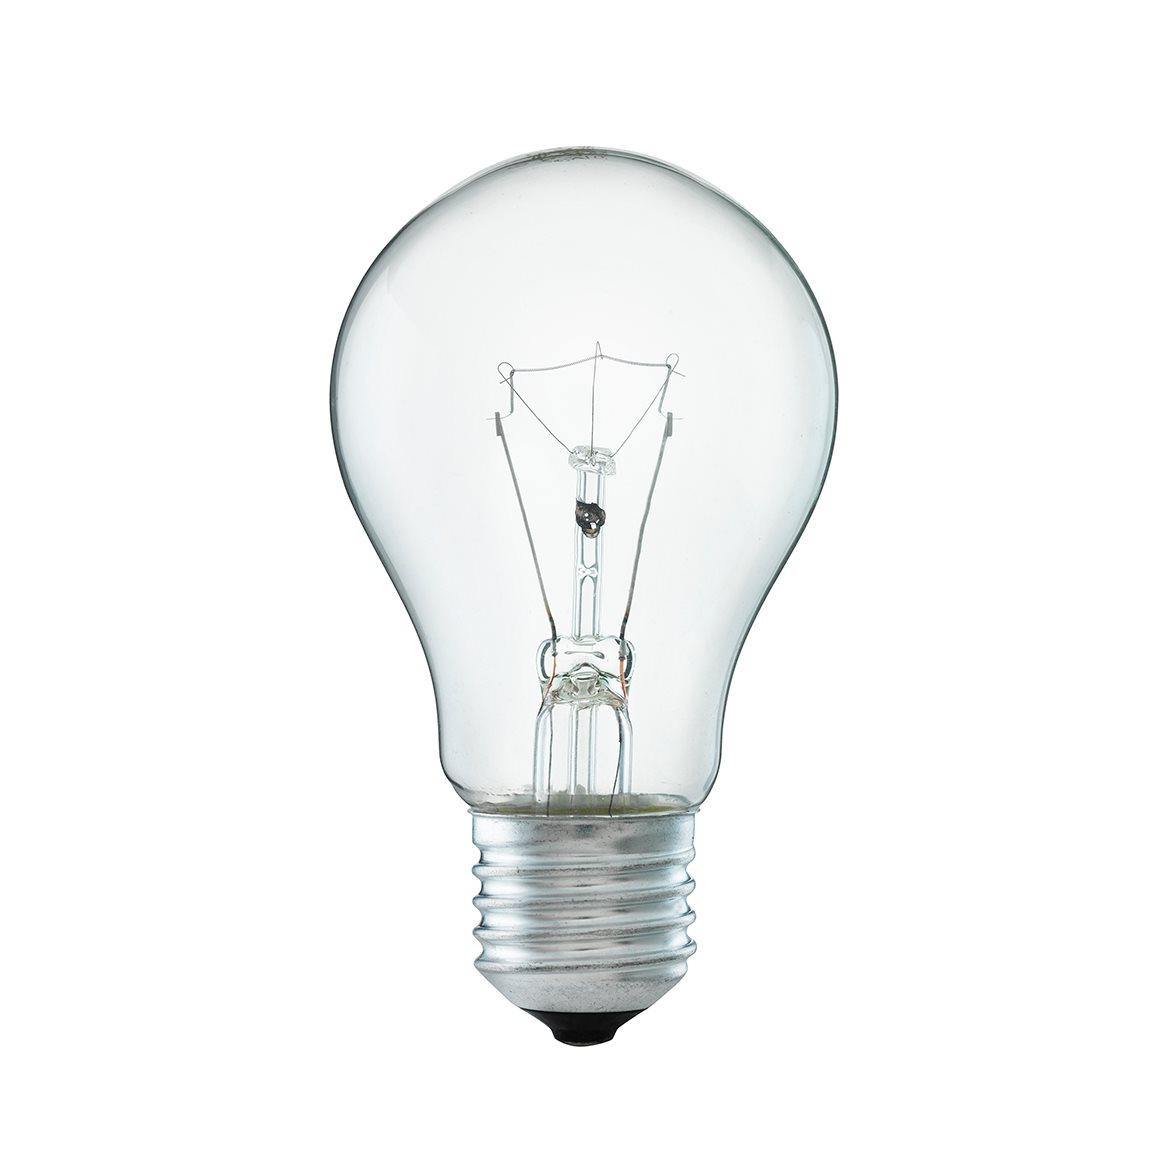 Glödlampa 60W normal E27, klar